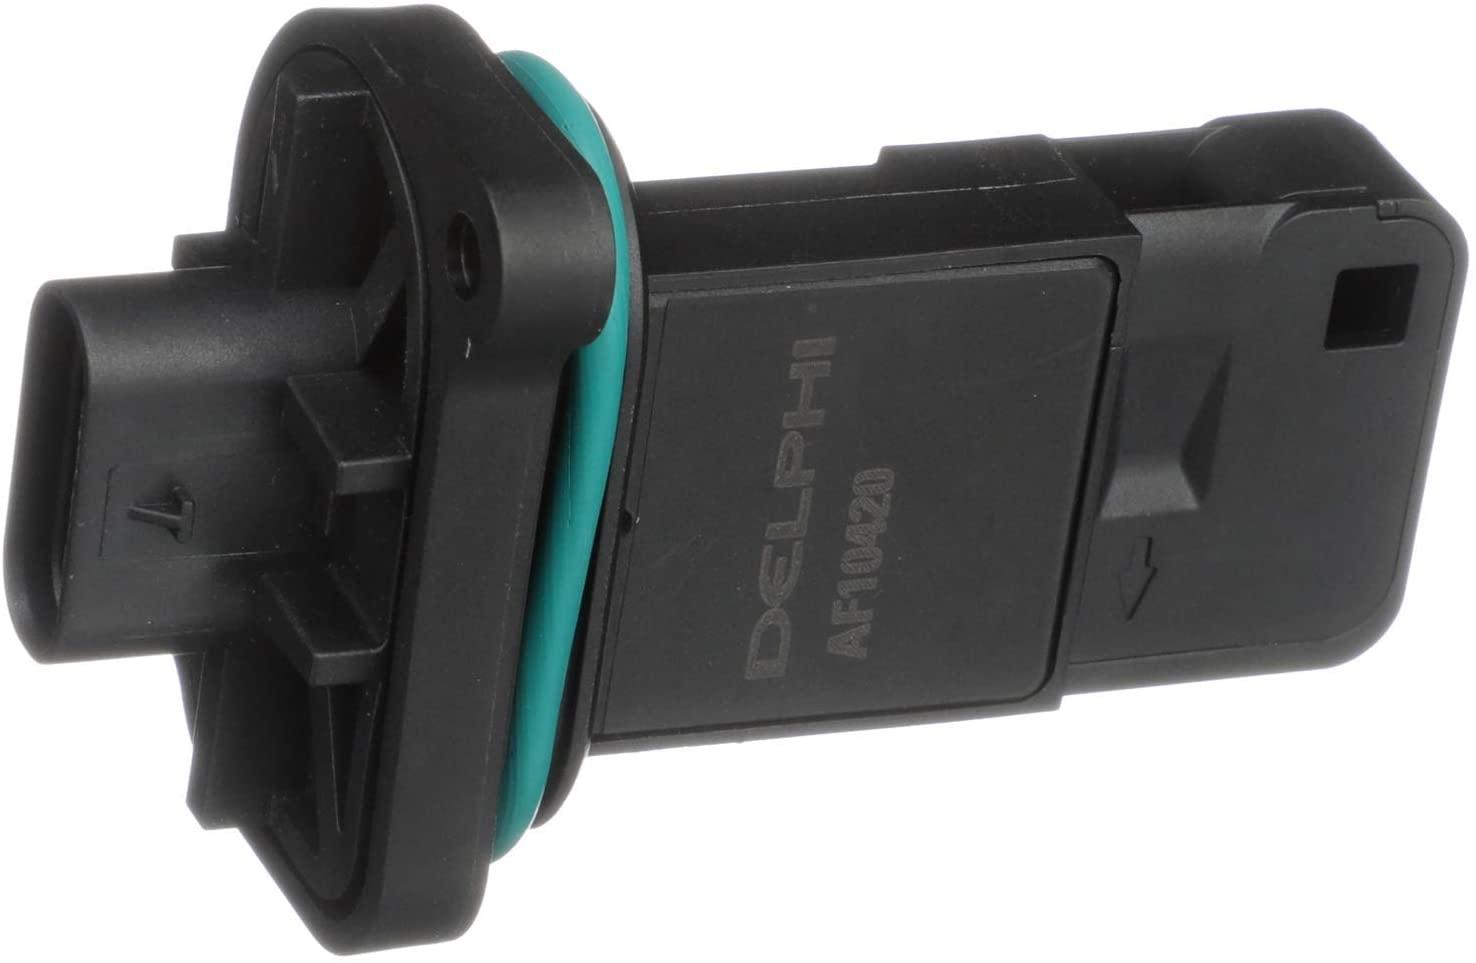 Delphi AF10420 Mass Air Flow Sensor (Probe Only), 1 Pack